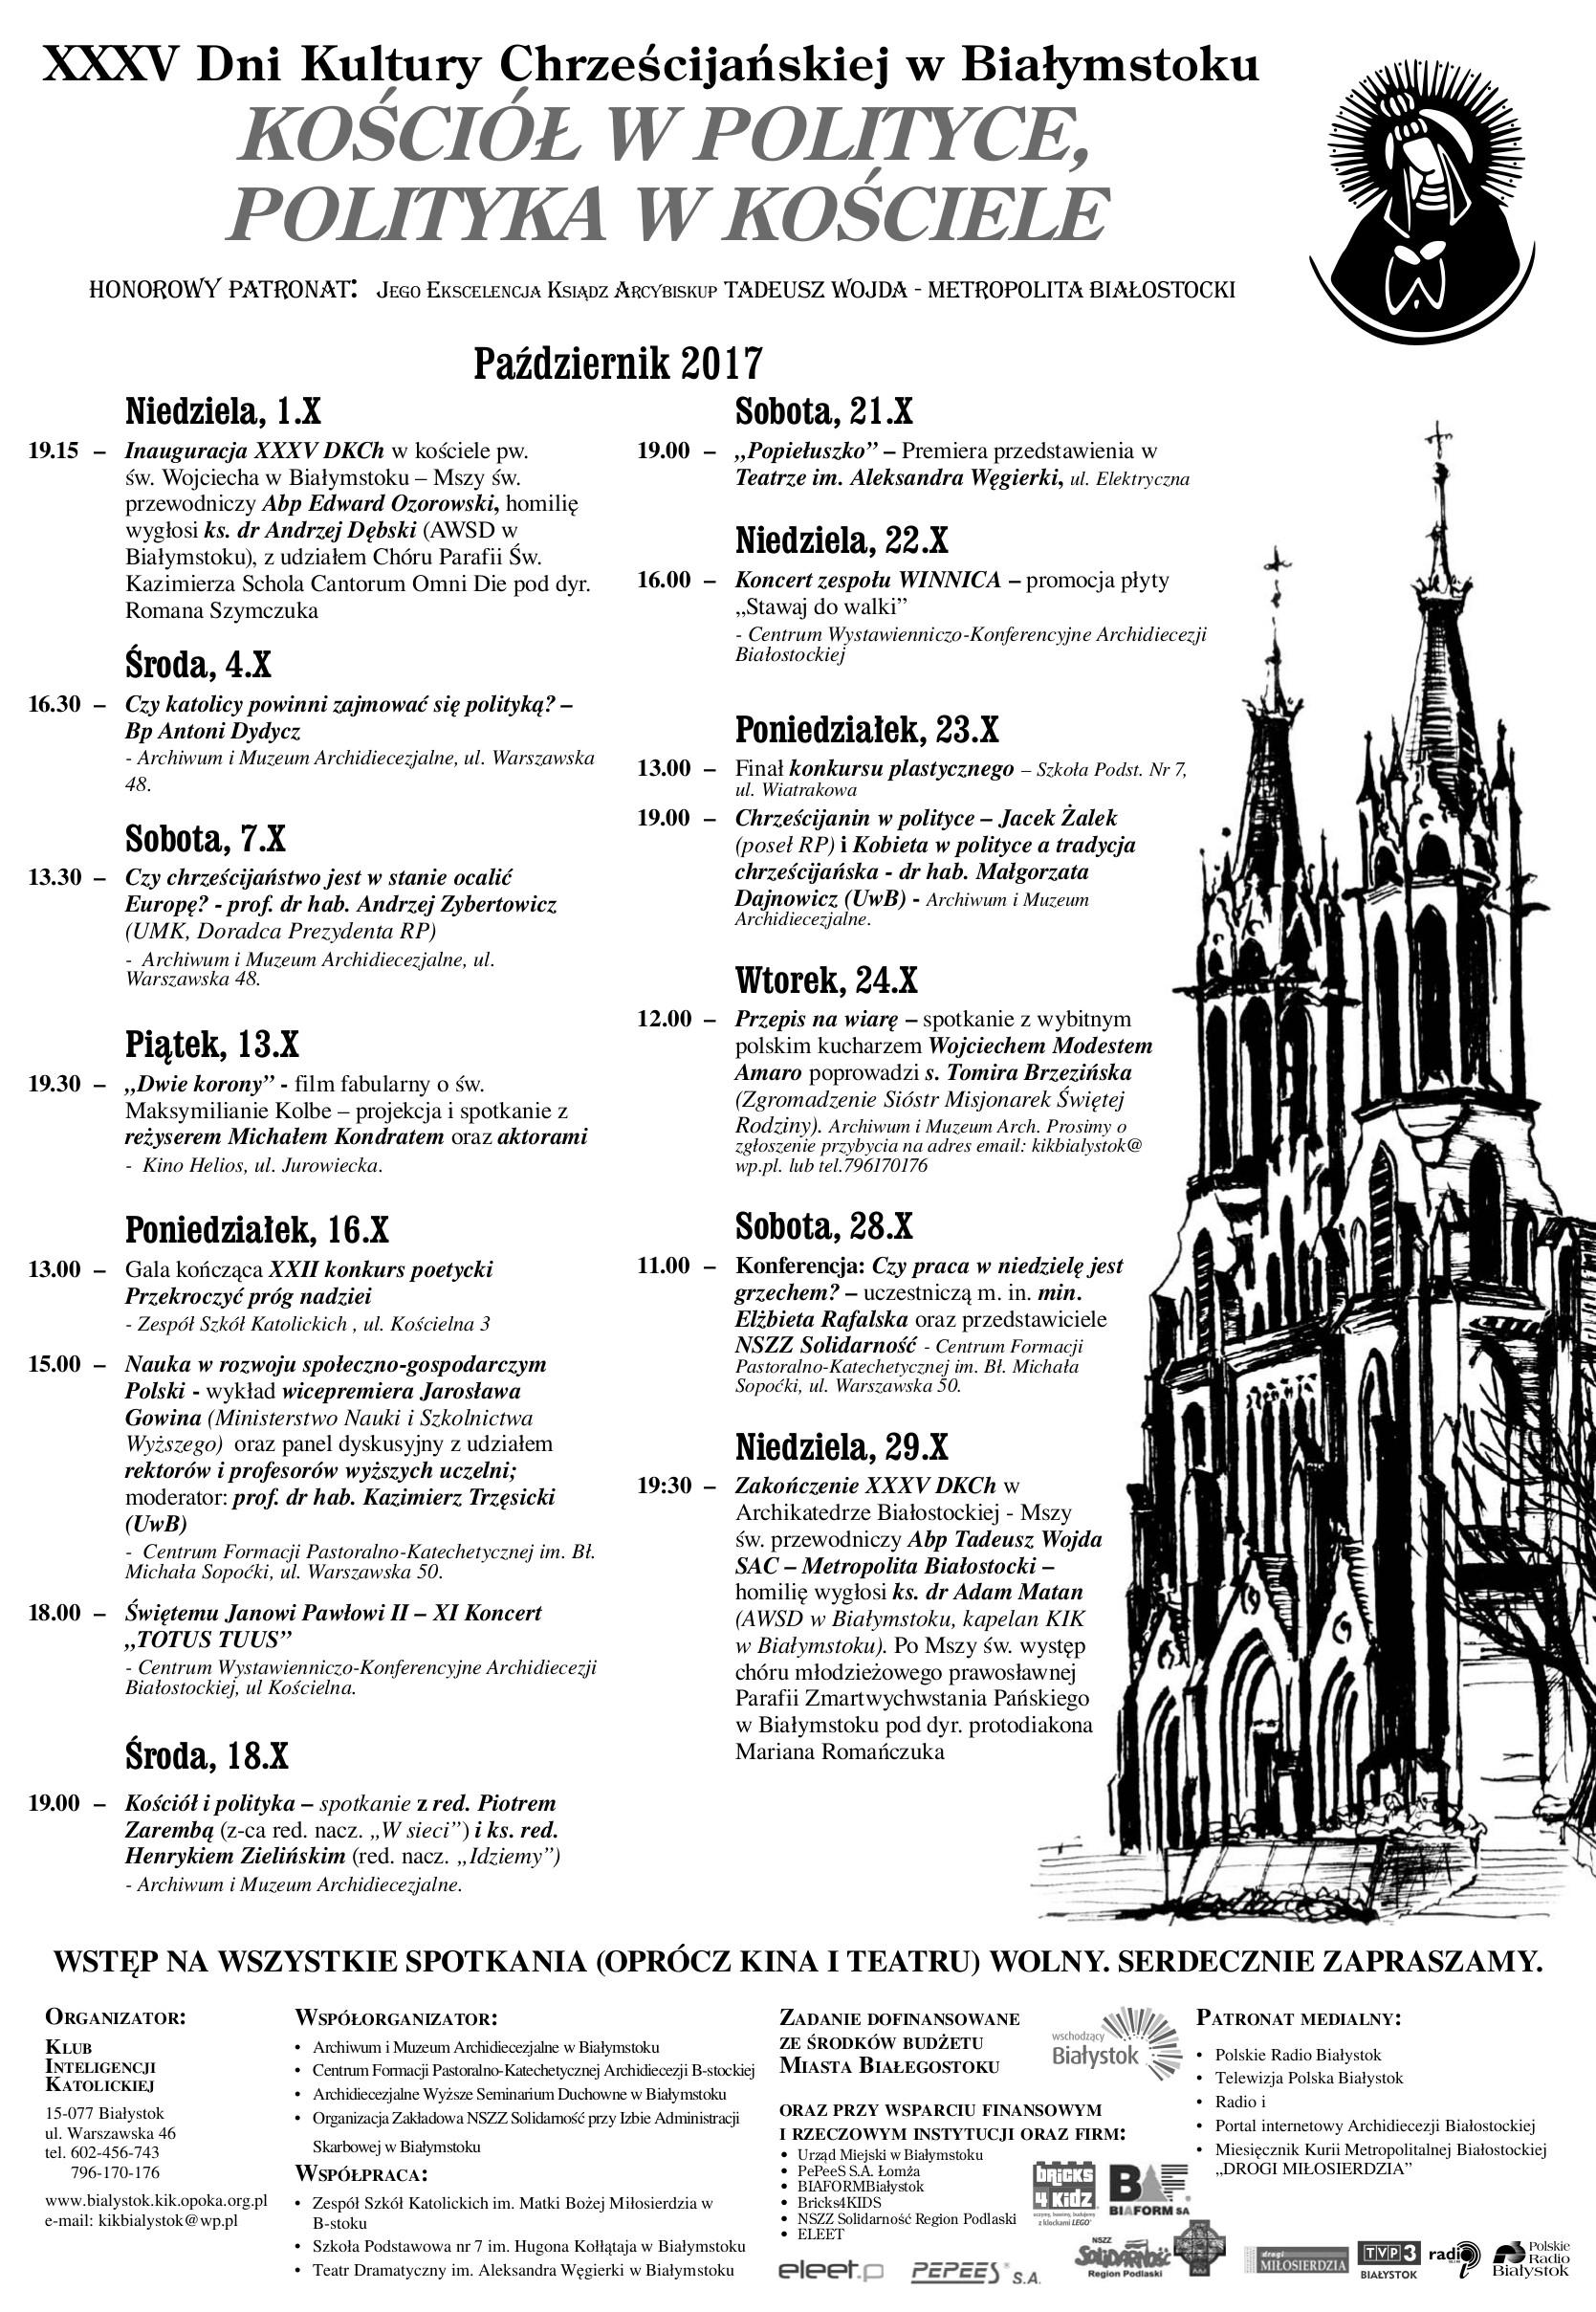 XXXV Dni Kultury Chrześcijańskiej w Białymstoku, źródło: mat. org.